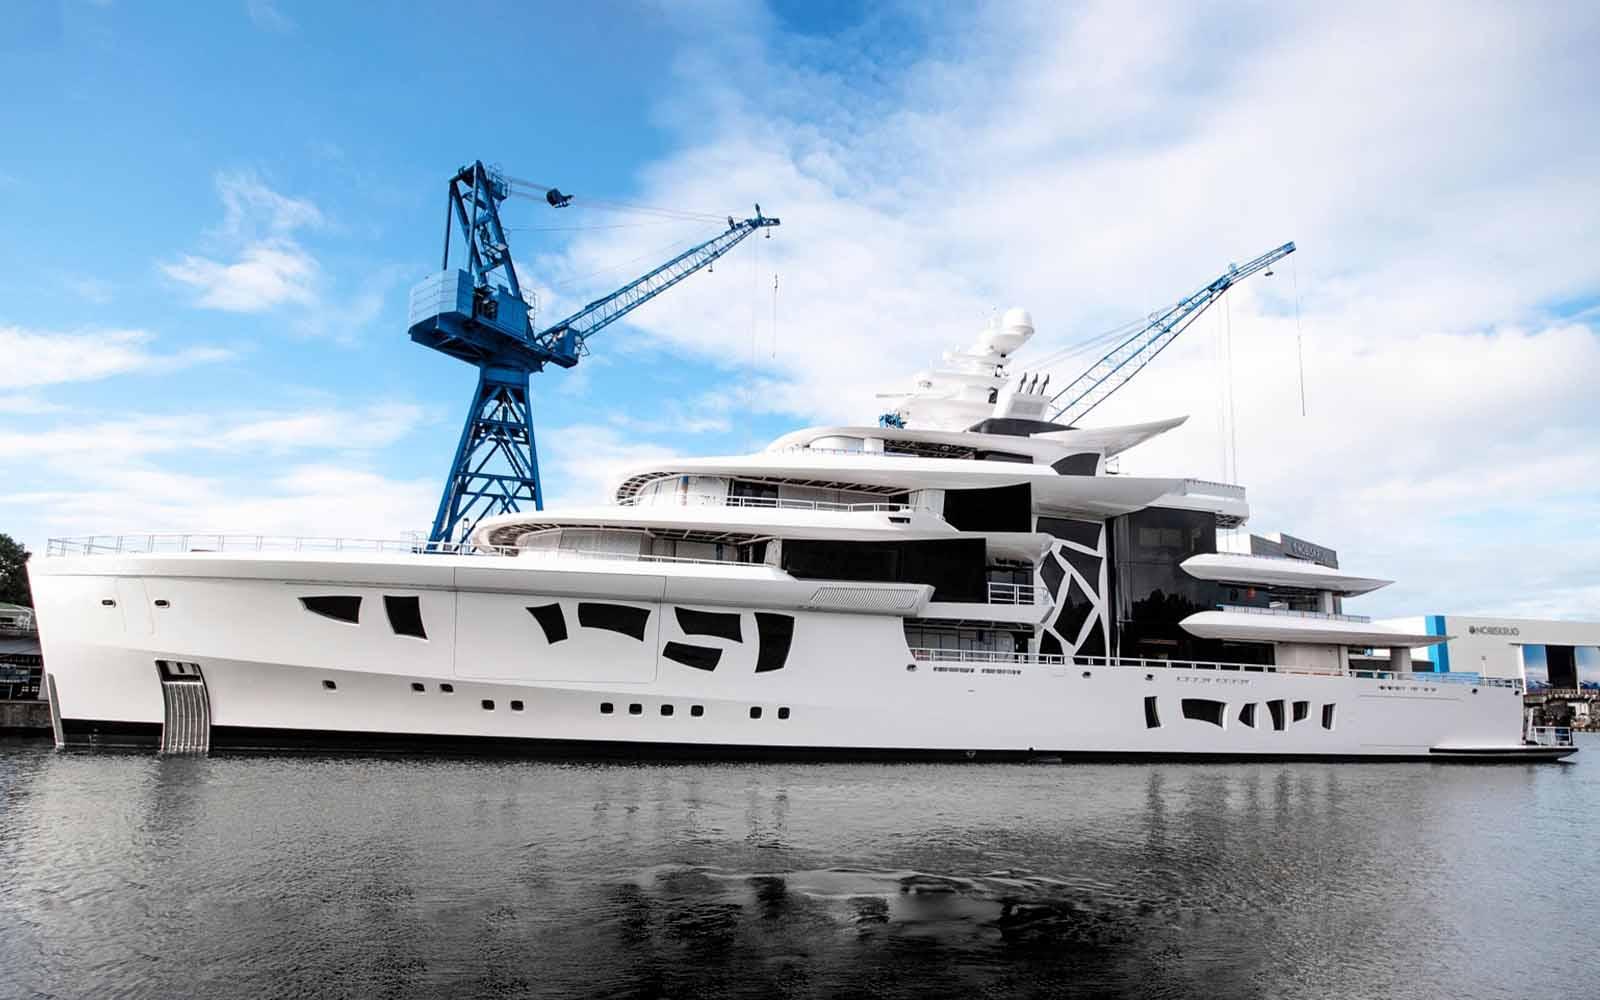 Nobiskrug Superyacht Artefact - boat shopping